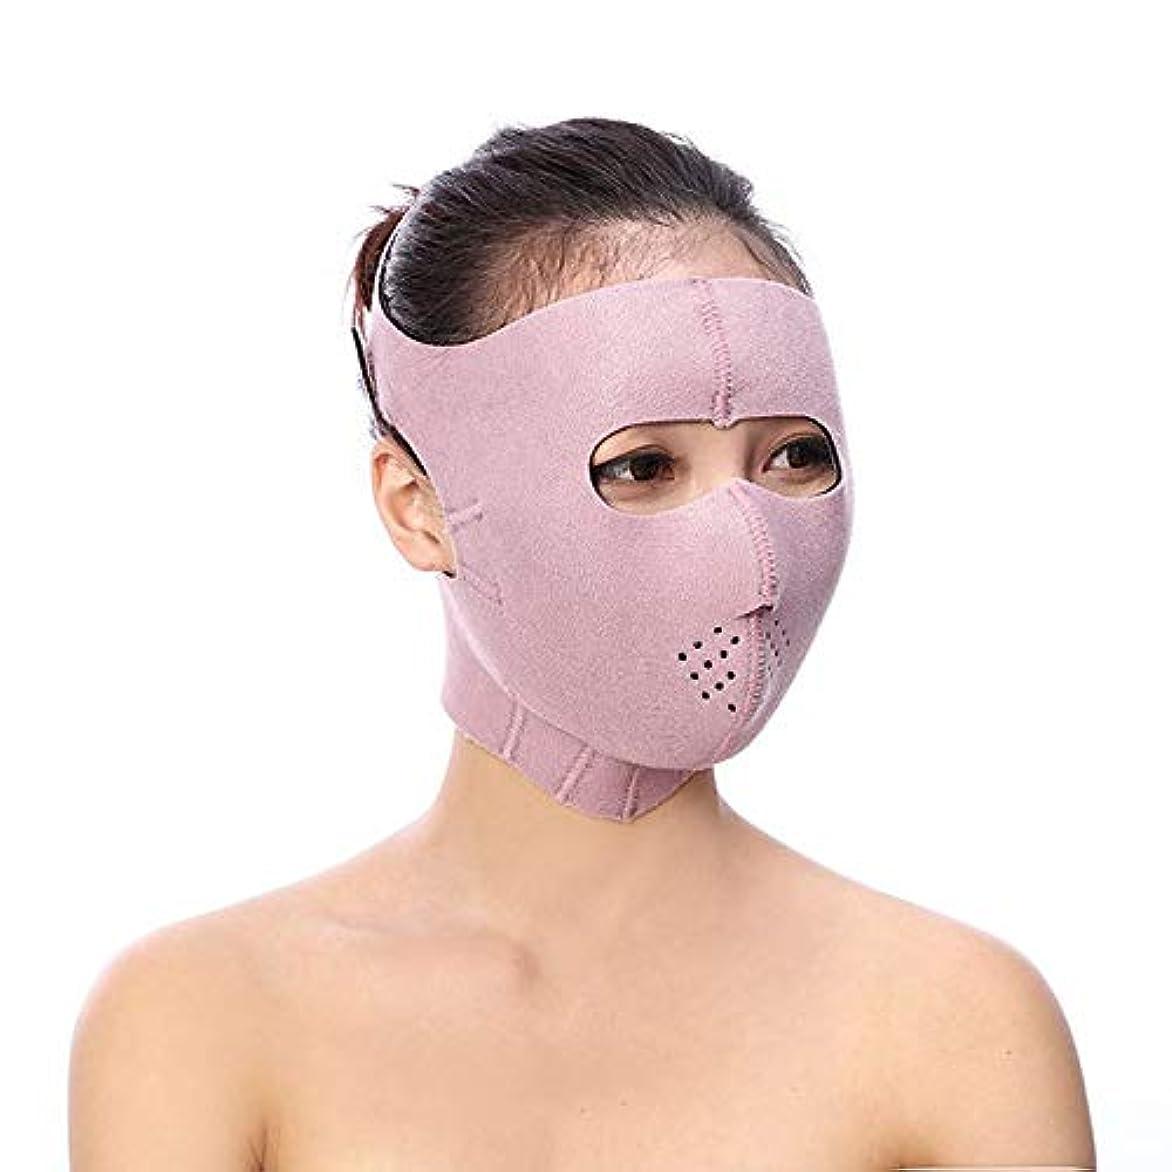 ご予約コンピューターを使用するカナダフェイシャルリフティング痩身ベルト - Vフェイス包帯マスクフェイシャルマッサージャー無料の薄いフェイス包帯整形マスクを引き締める顔と首の顔スリム